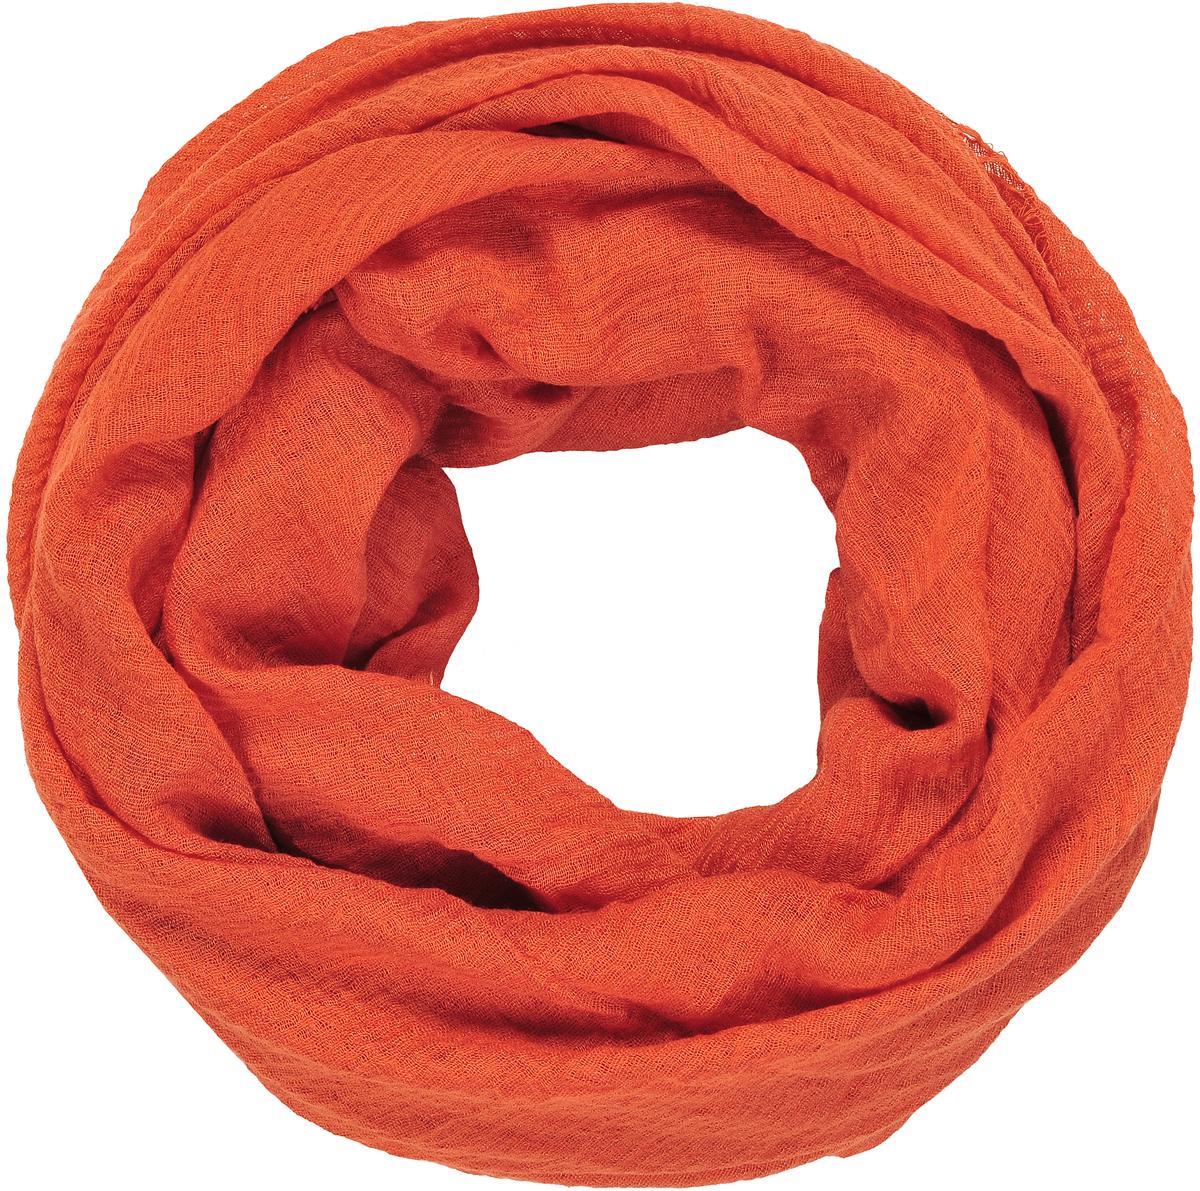 Палантин женский Модные истории, цвет: оранжевый. 21/0533/087. Размер 90 см х 180 см21/0533/087Легкий однотонный палантин из ткани с эффектом крэш. Декорирован бахромой по торцевым сторонам.